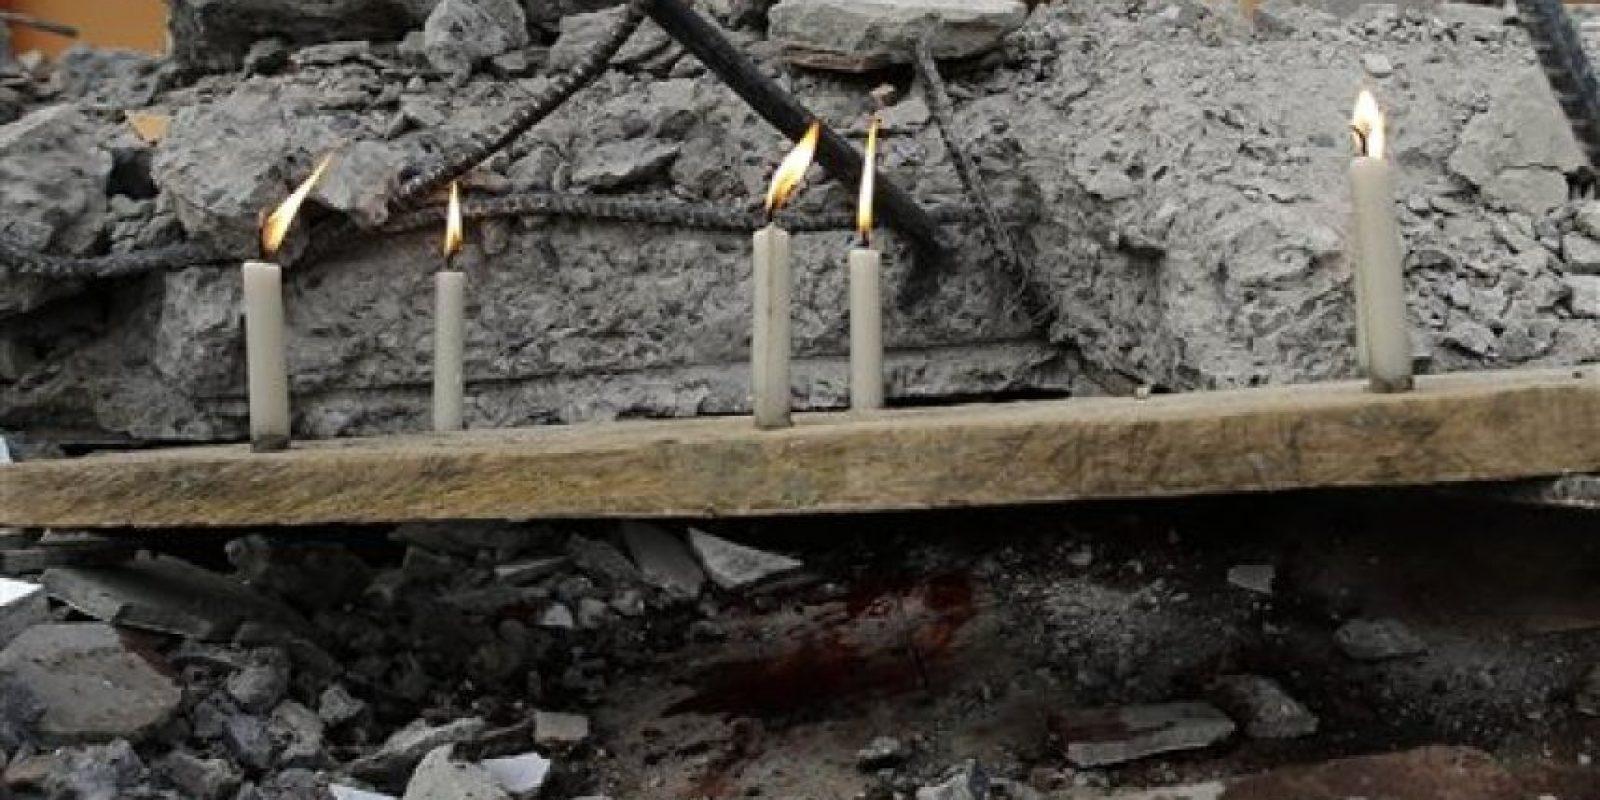 """Esta imagen, tomada el 18 de abril de 2016, muestra varias velas encendidas sobre una tabla, en memoria de los fallecidos en un terremoto de magnitud 7,8, en La Chorrera, Ecuador. La energía liberada por el sismo de Ecuador fue """"probablemente unas 20 veces mayor"""" que la generada por uno de magnitud 7,0 registrado antes el 16 de abril en Japón, explicó un profesor de geociencia de la Open University de Londres. (Foto AP/Dolores Ochoa) Foto:AP"""